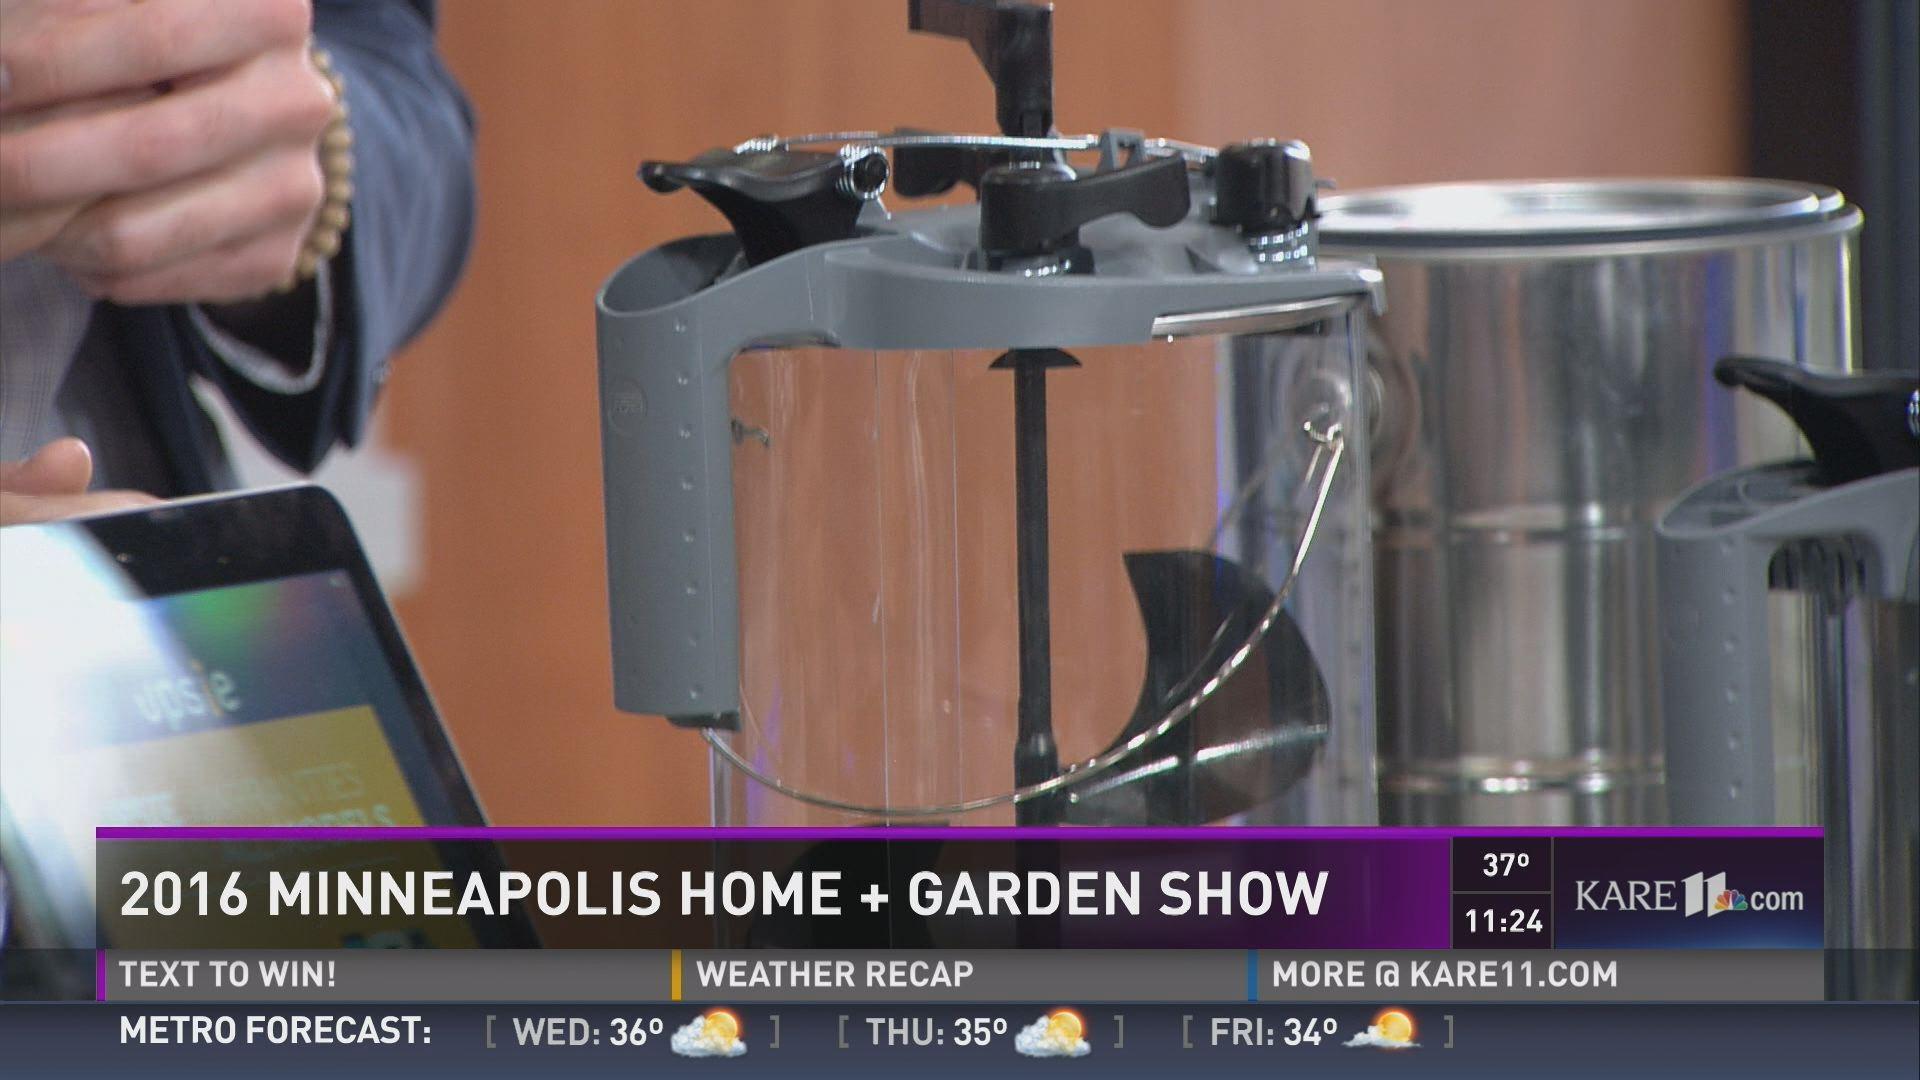 Kare11.com | 2016 Home + Garden Show Comes To Mpls.